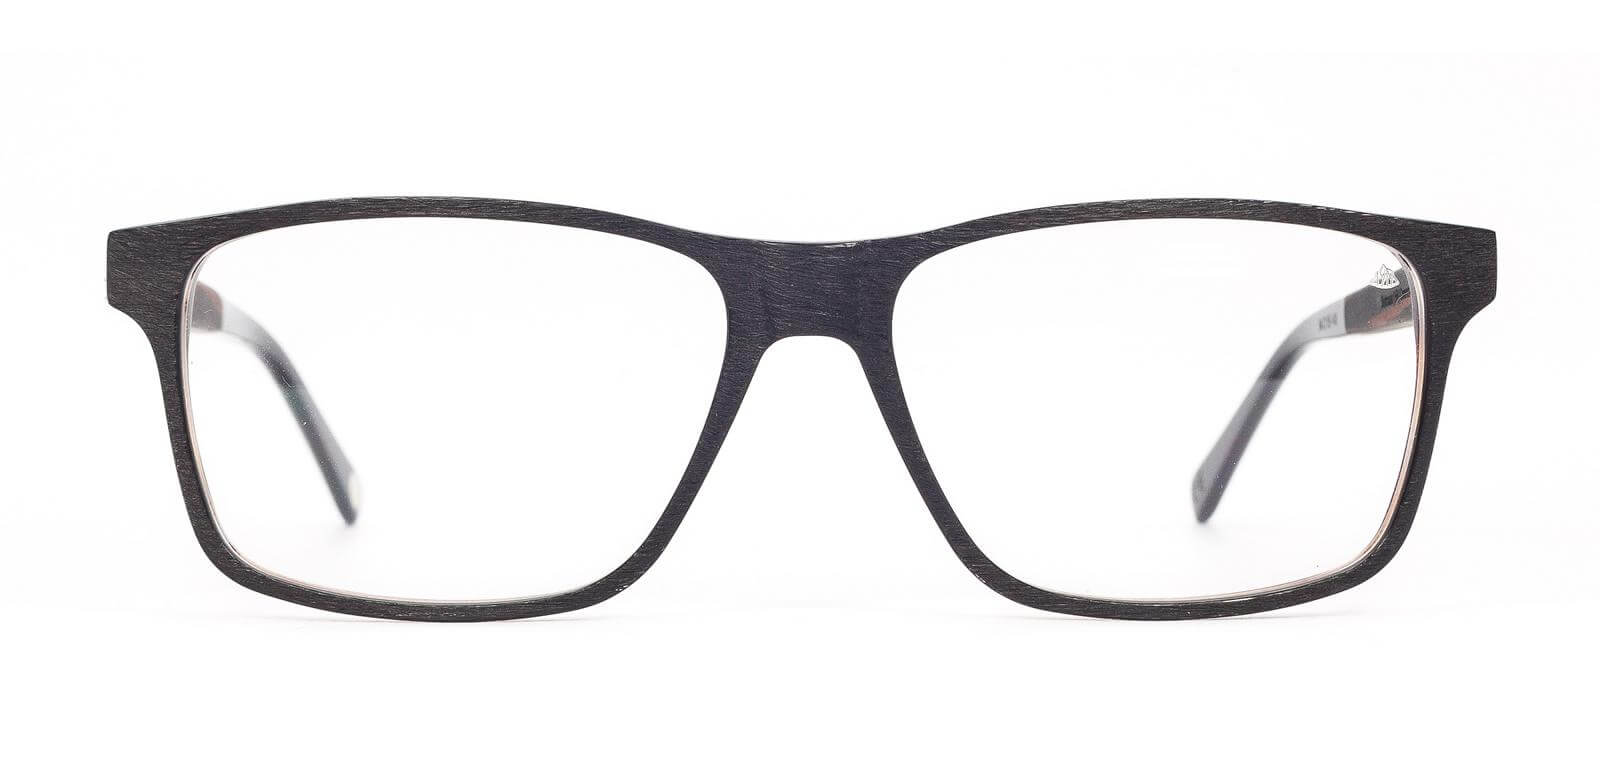 EINSTOFFEN Brille - Modell: Bierbrauer